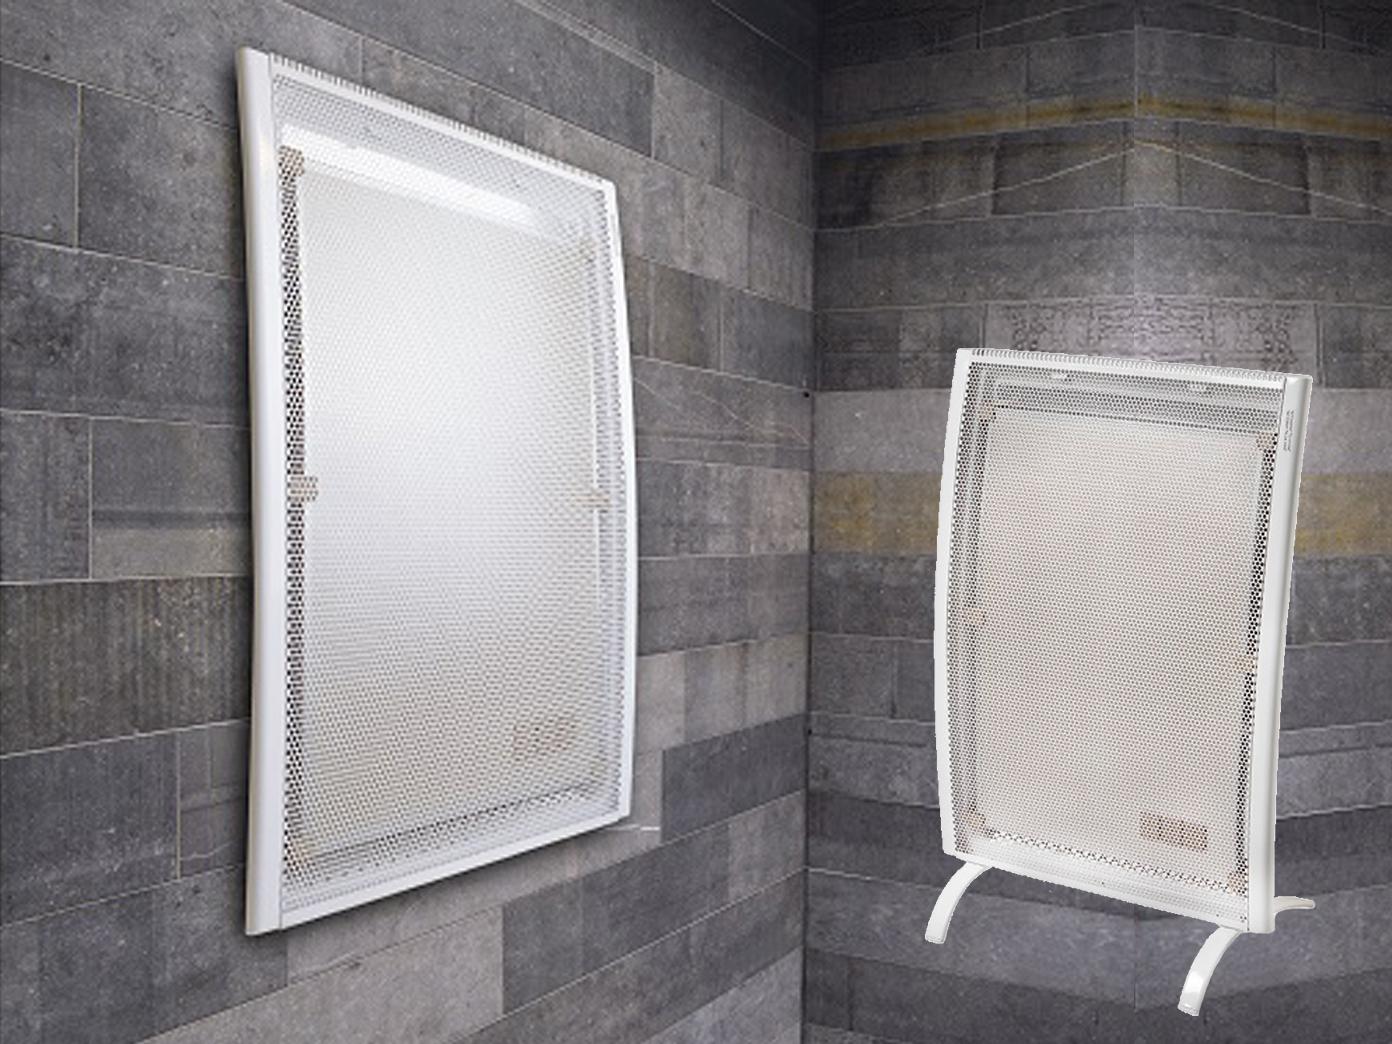 badezimmer schnellheizer test vergleich badezimmer schnellheizer g nstig kaufen. Black Bedroom Furniture Sets. Home Design Ideas